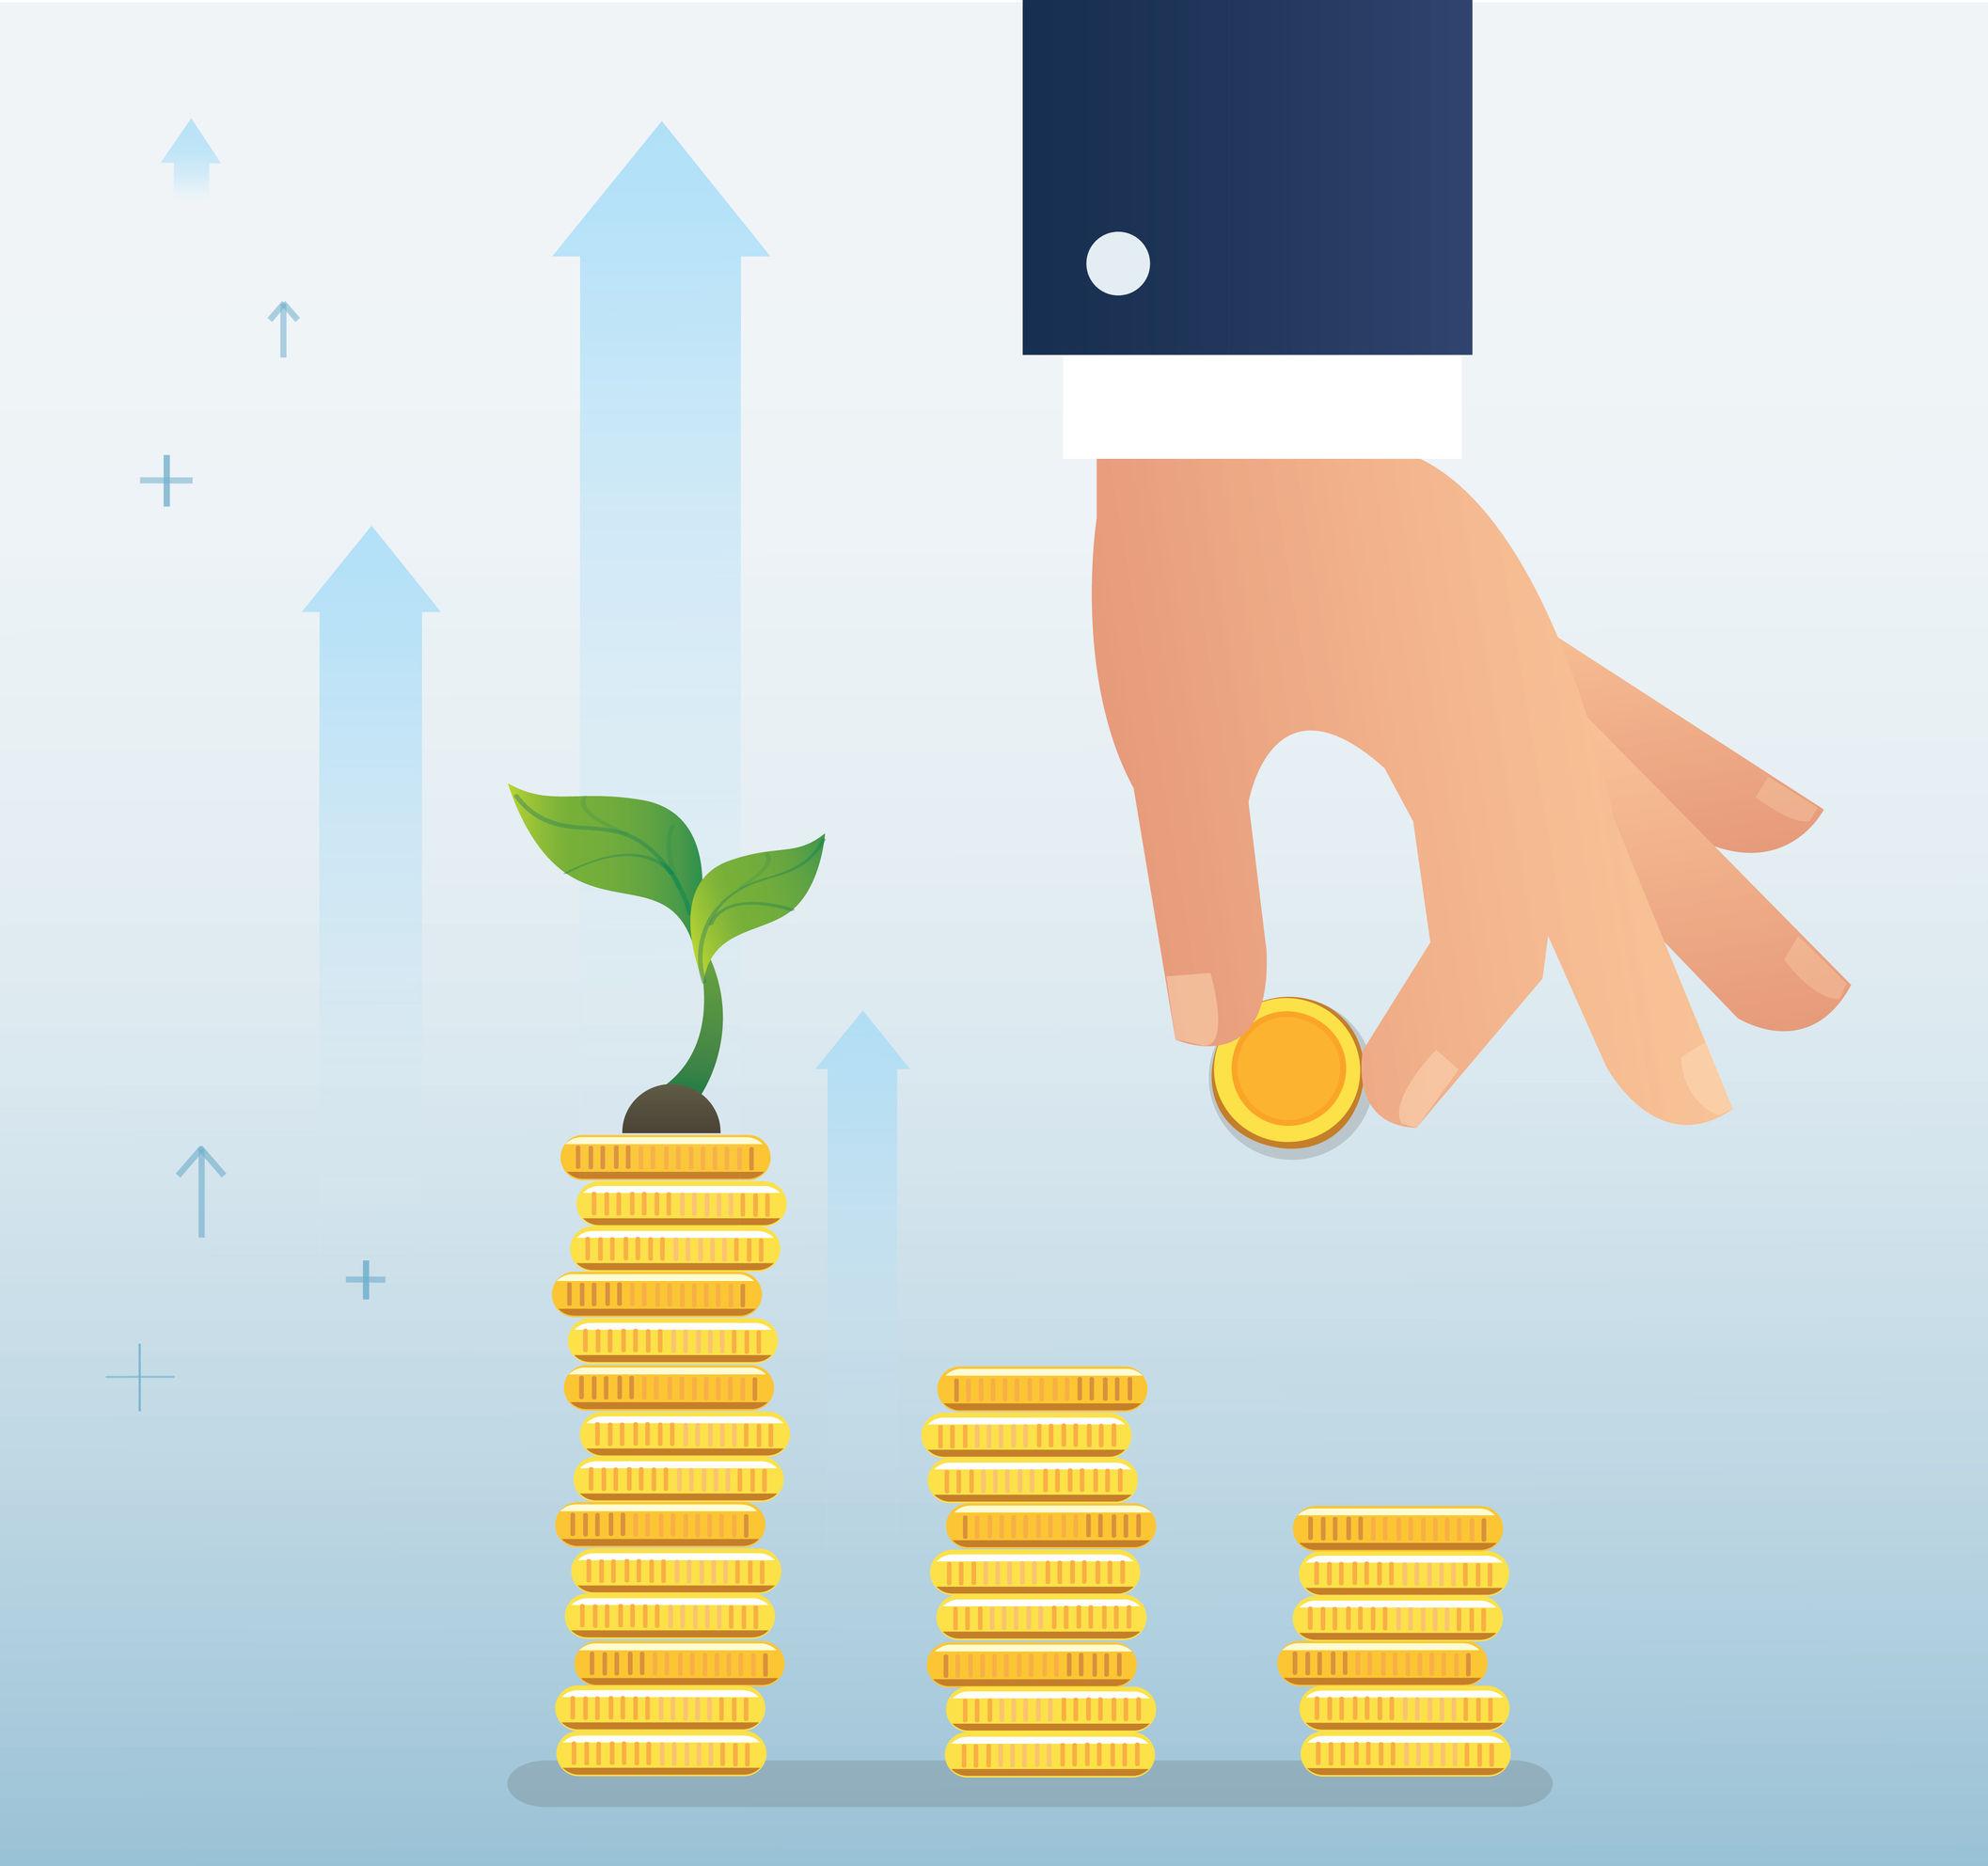 جذب سرمایه گذار در نرم افزار ابرستان